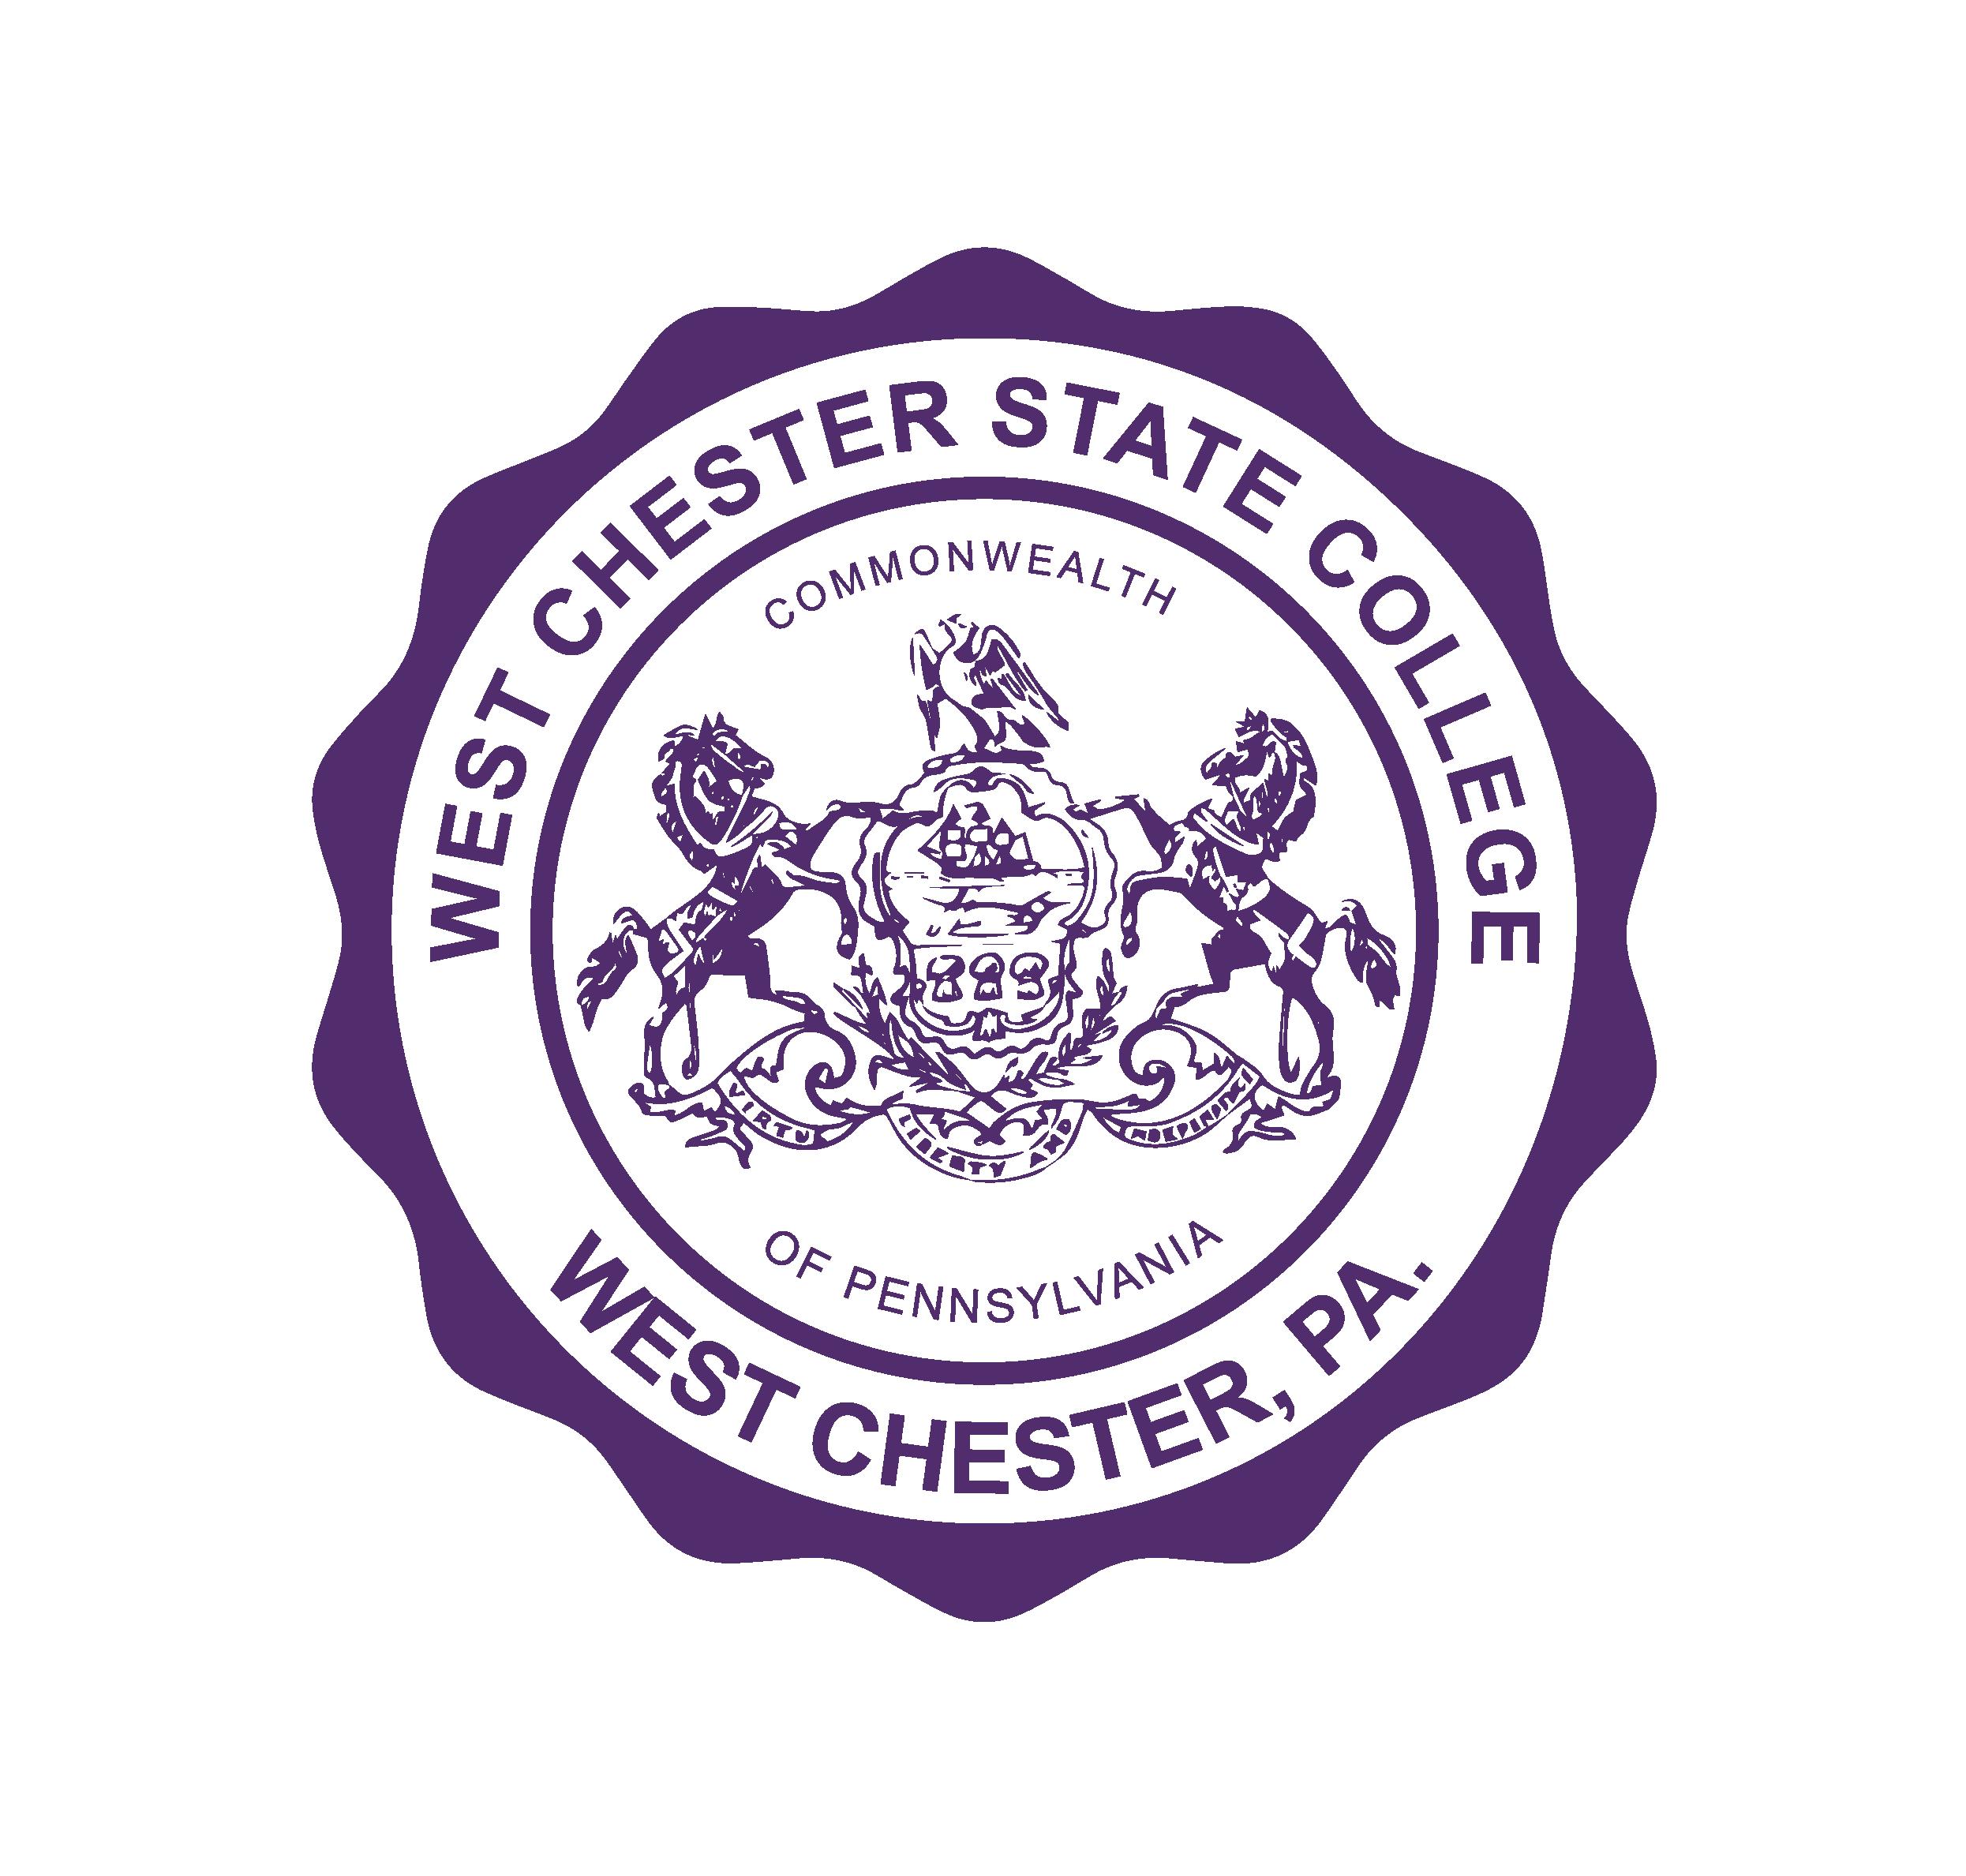 WCSC Seal